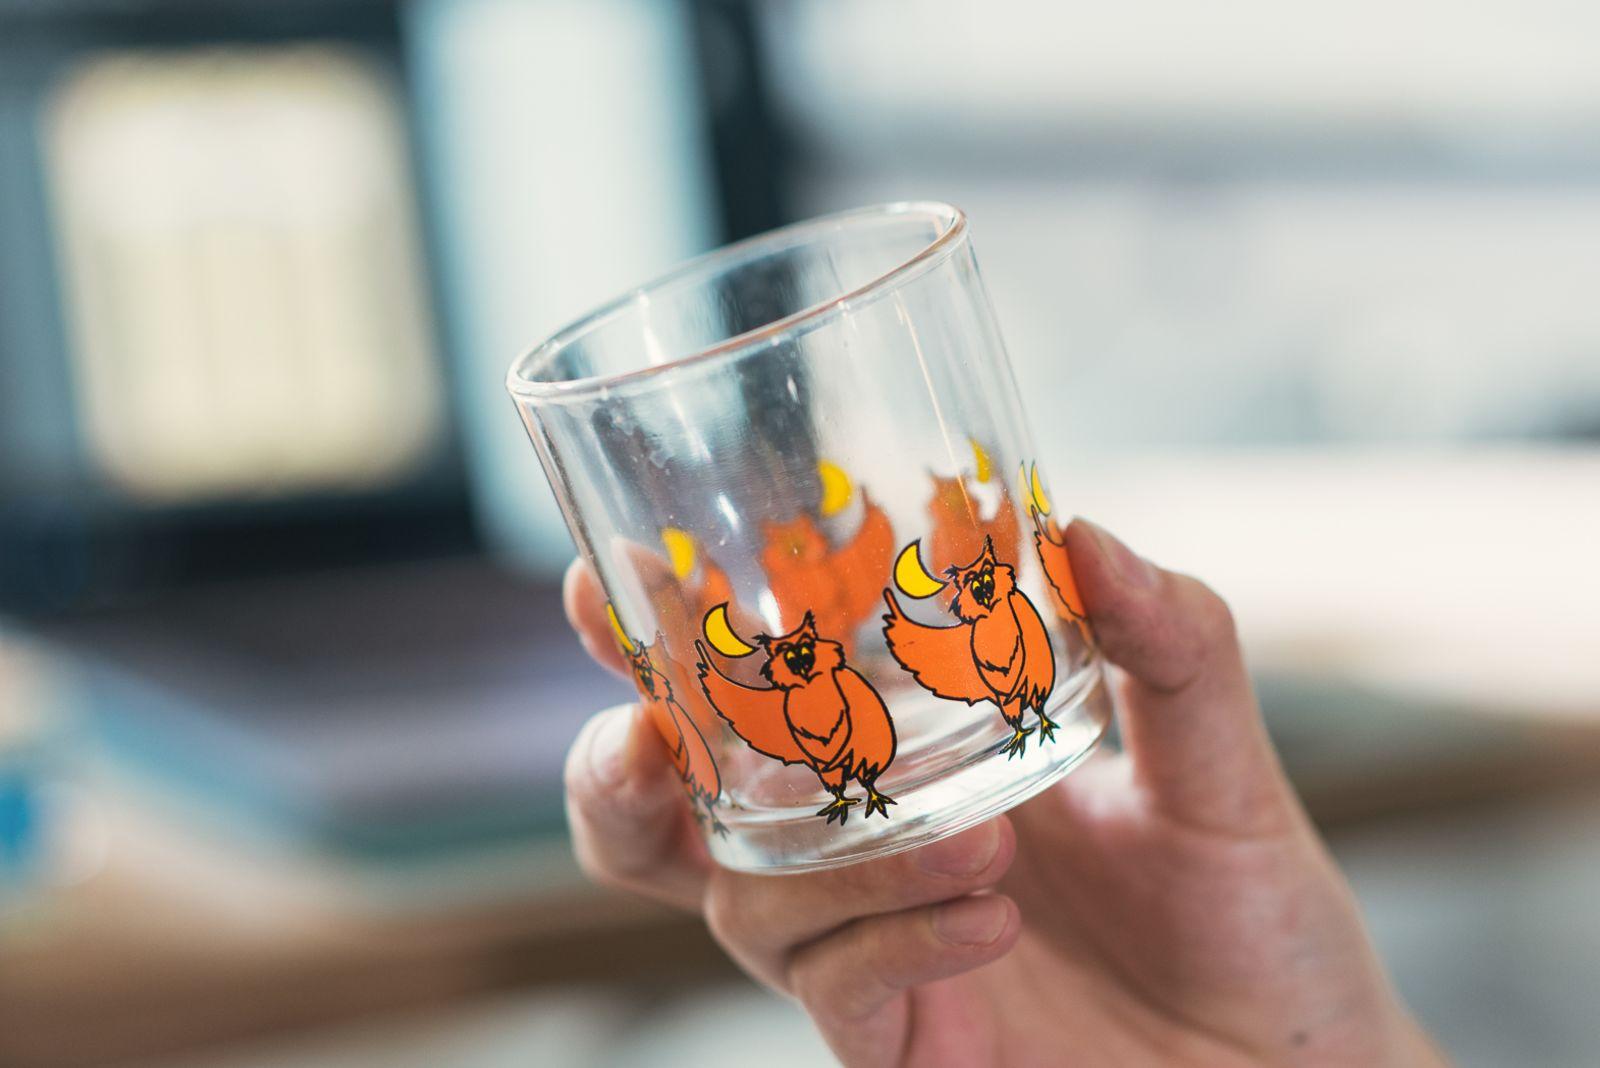 清邁買的貓頭鷹玻璃杯是小酌良拌。